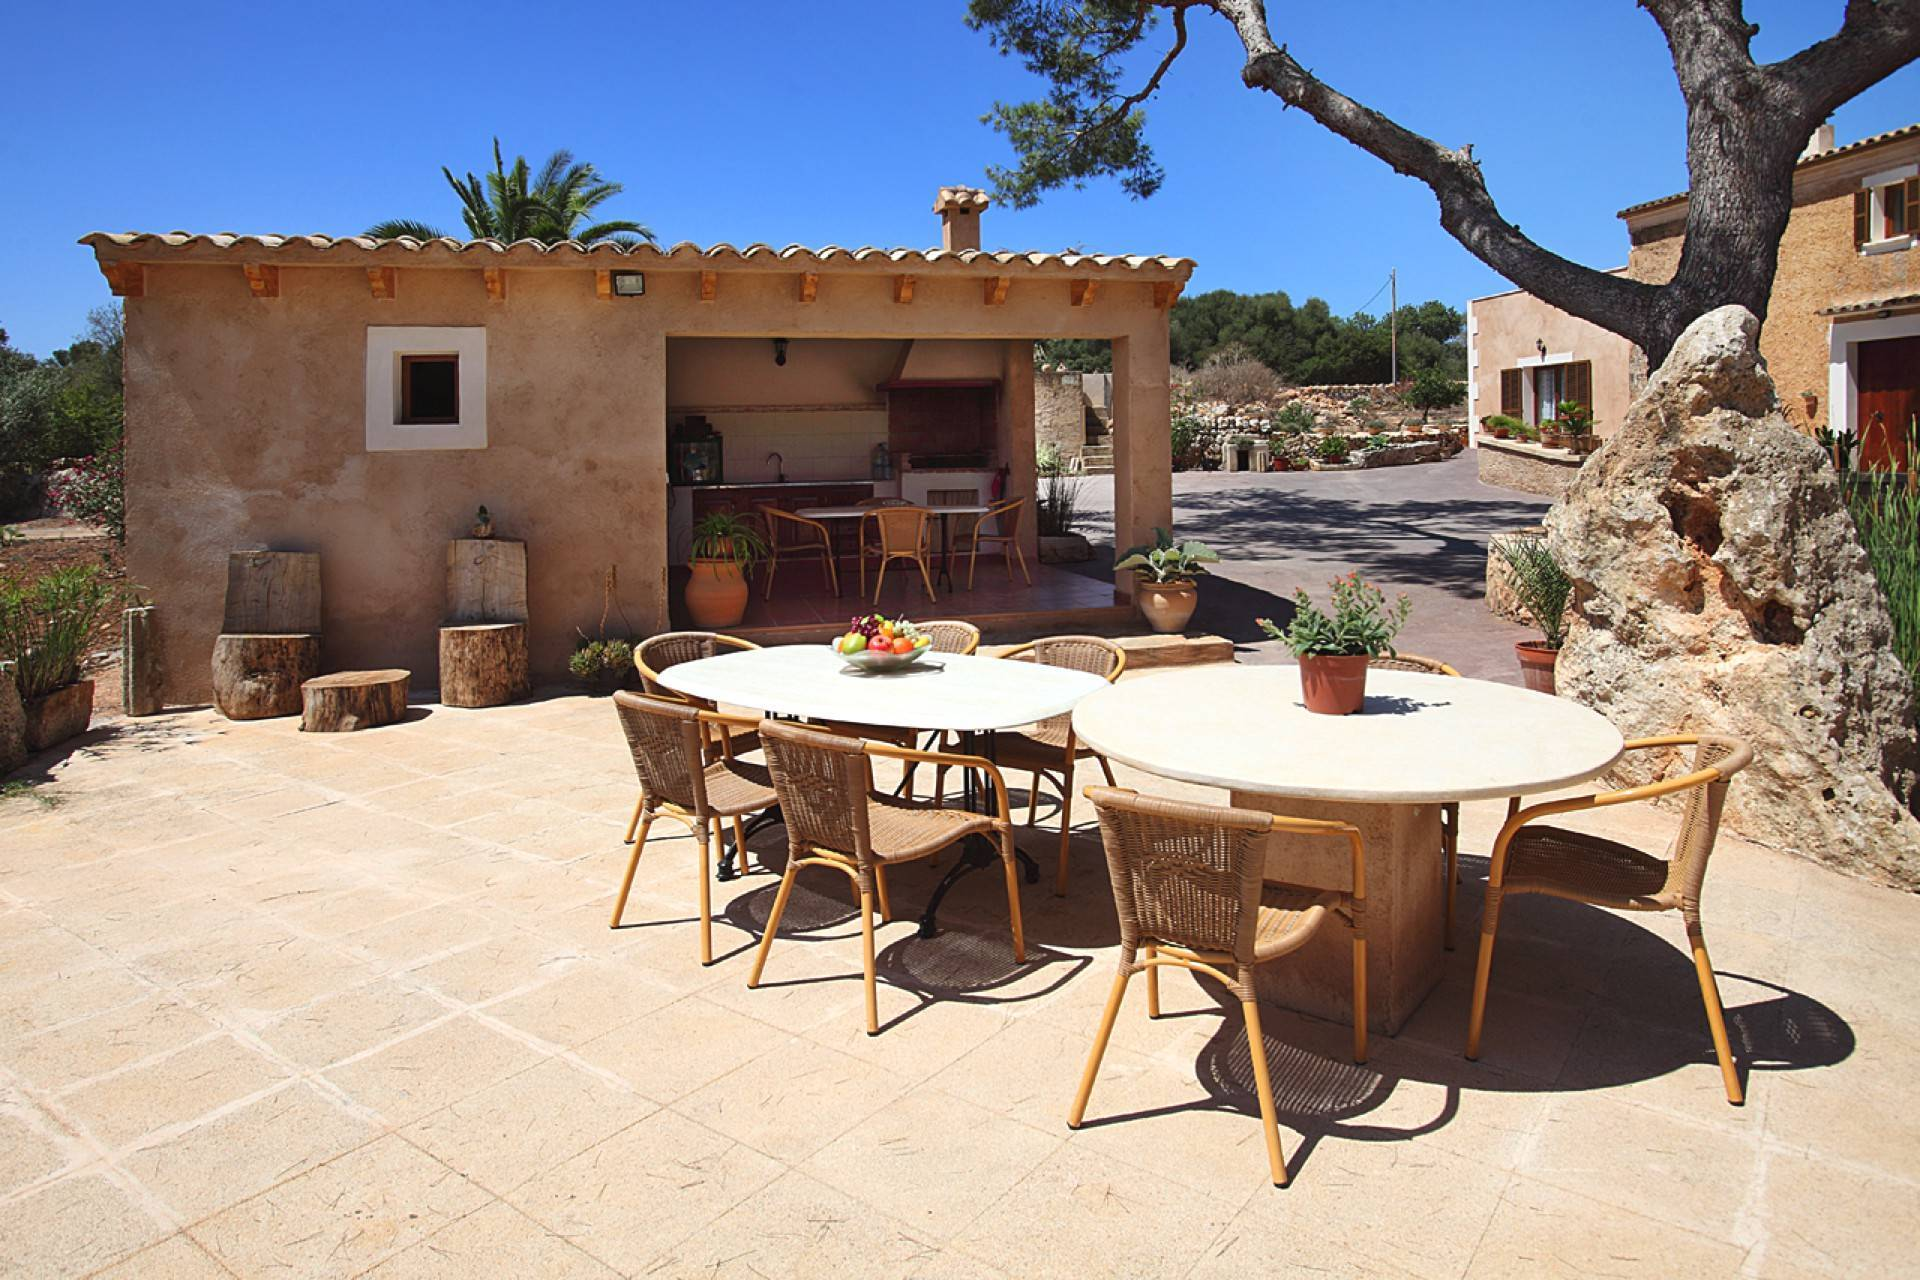 01-142 Rustikales Bauernhaus Mallorca Osten Bild 6